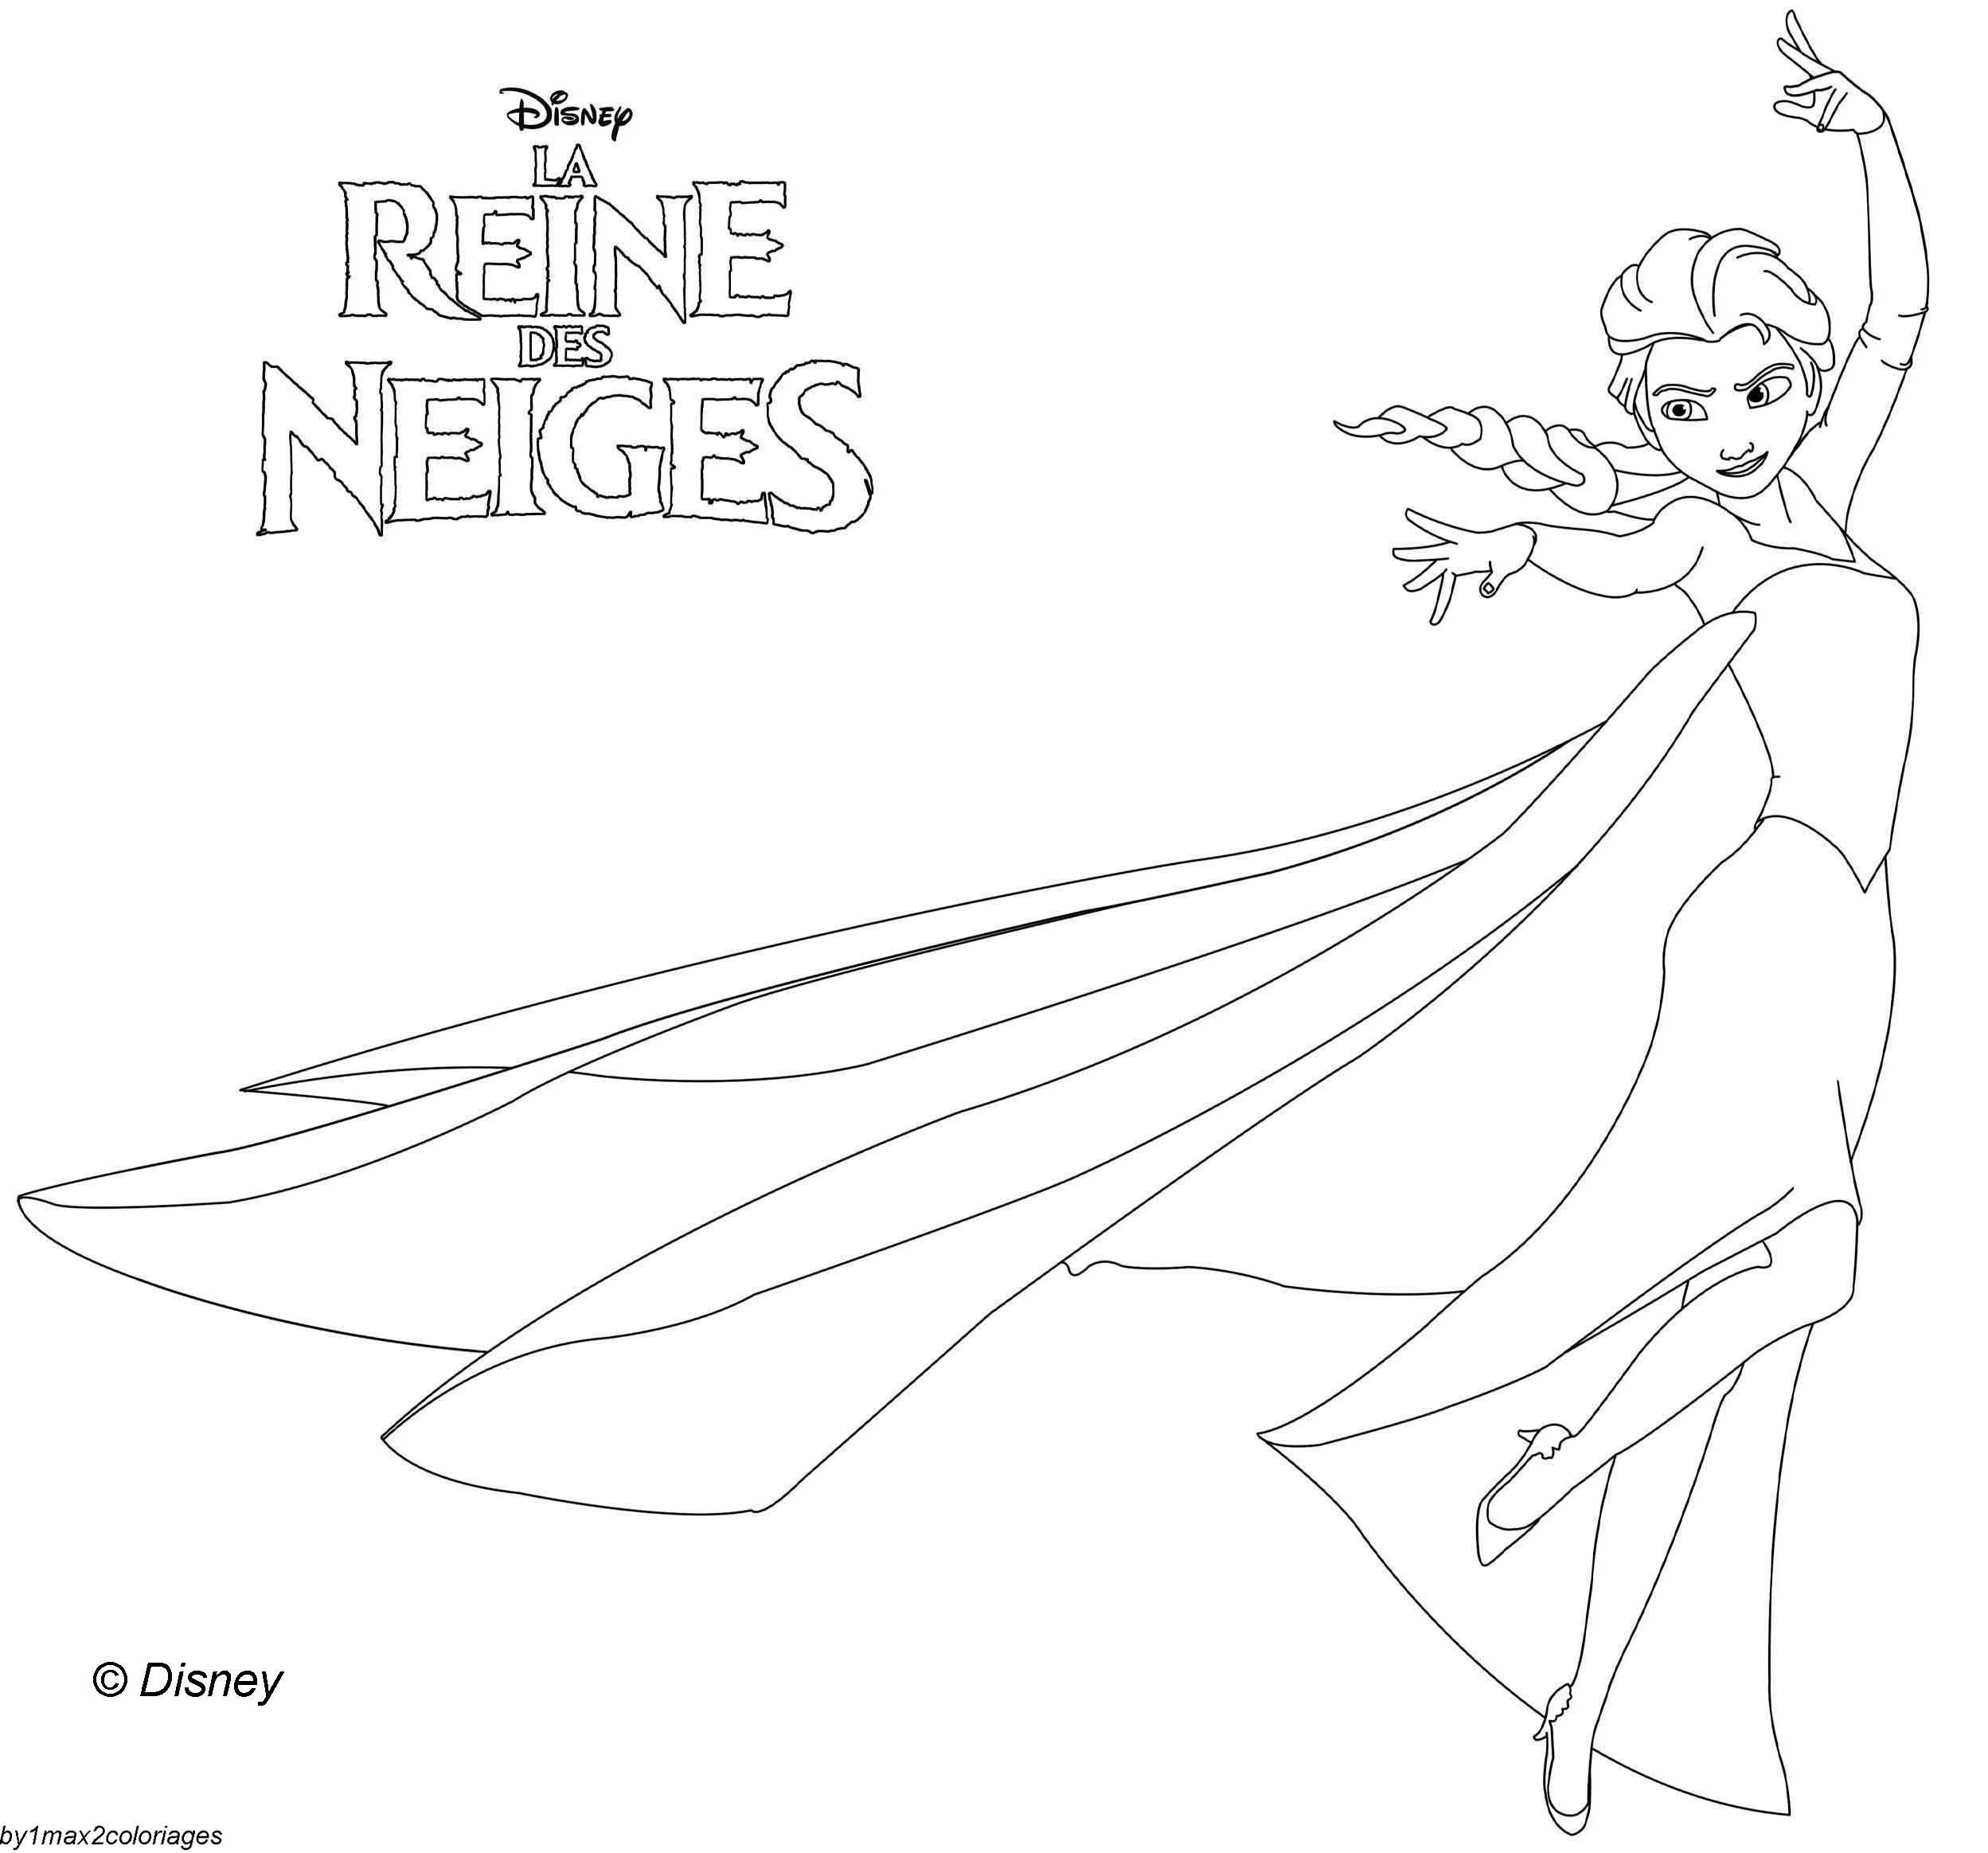 Coloriage Des Personnages Disney La Reine Des Neiges Elsa La Reine